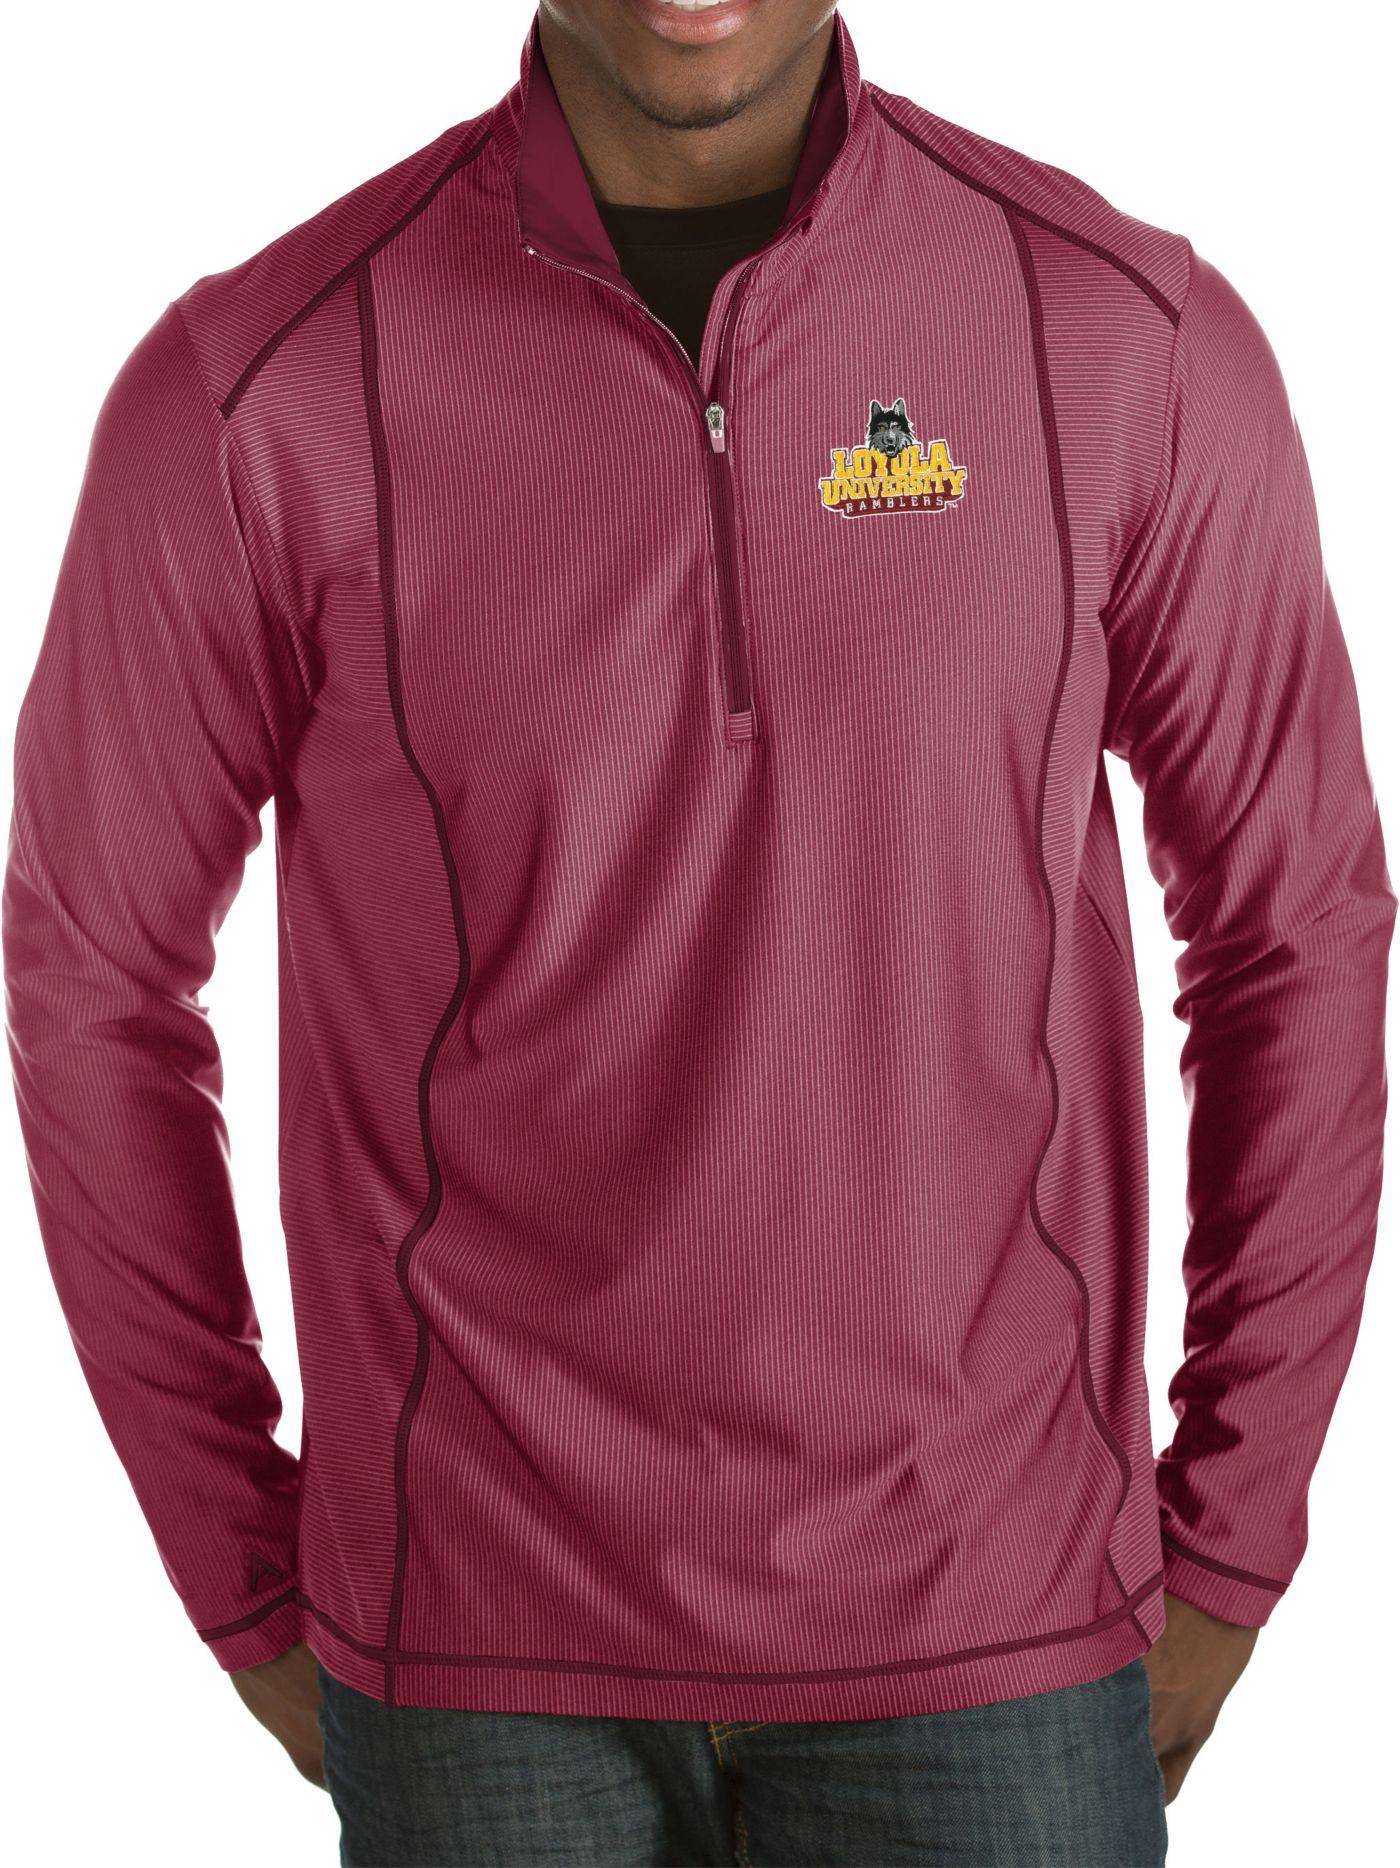 Antigua Men's Loyola Chicago Ramblers Maroon Tempo Half-Zip Pullover